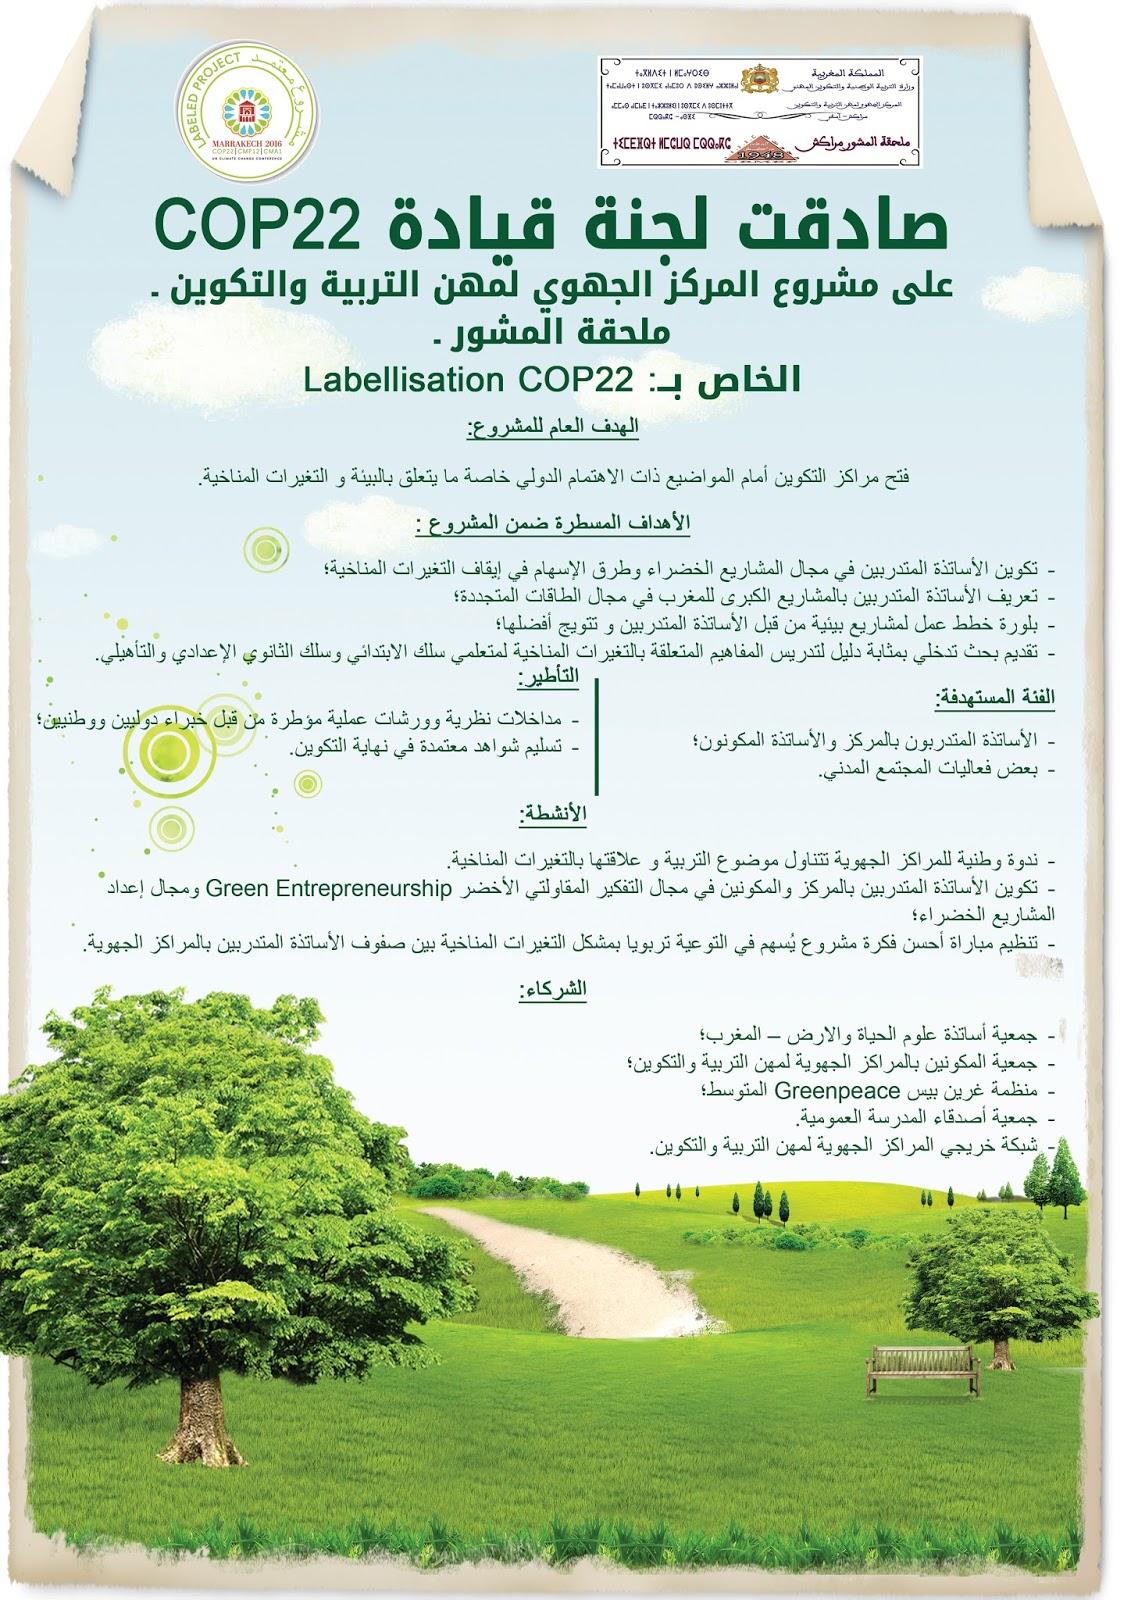 تتويج المركز الجهوي لمهن التربية والتكوين مراكش-أسفي من خلال حصوله على تسمية La Labellisation COP